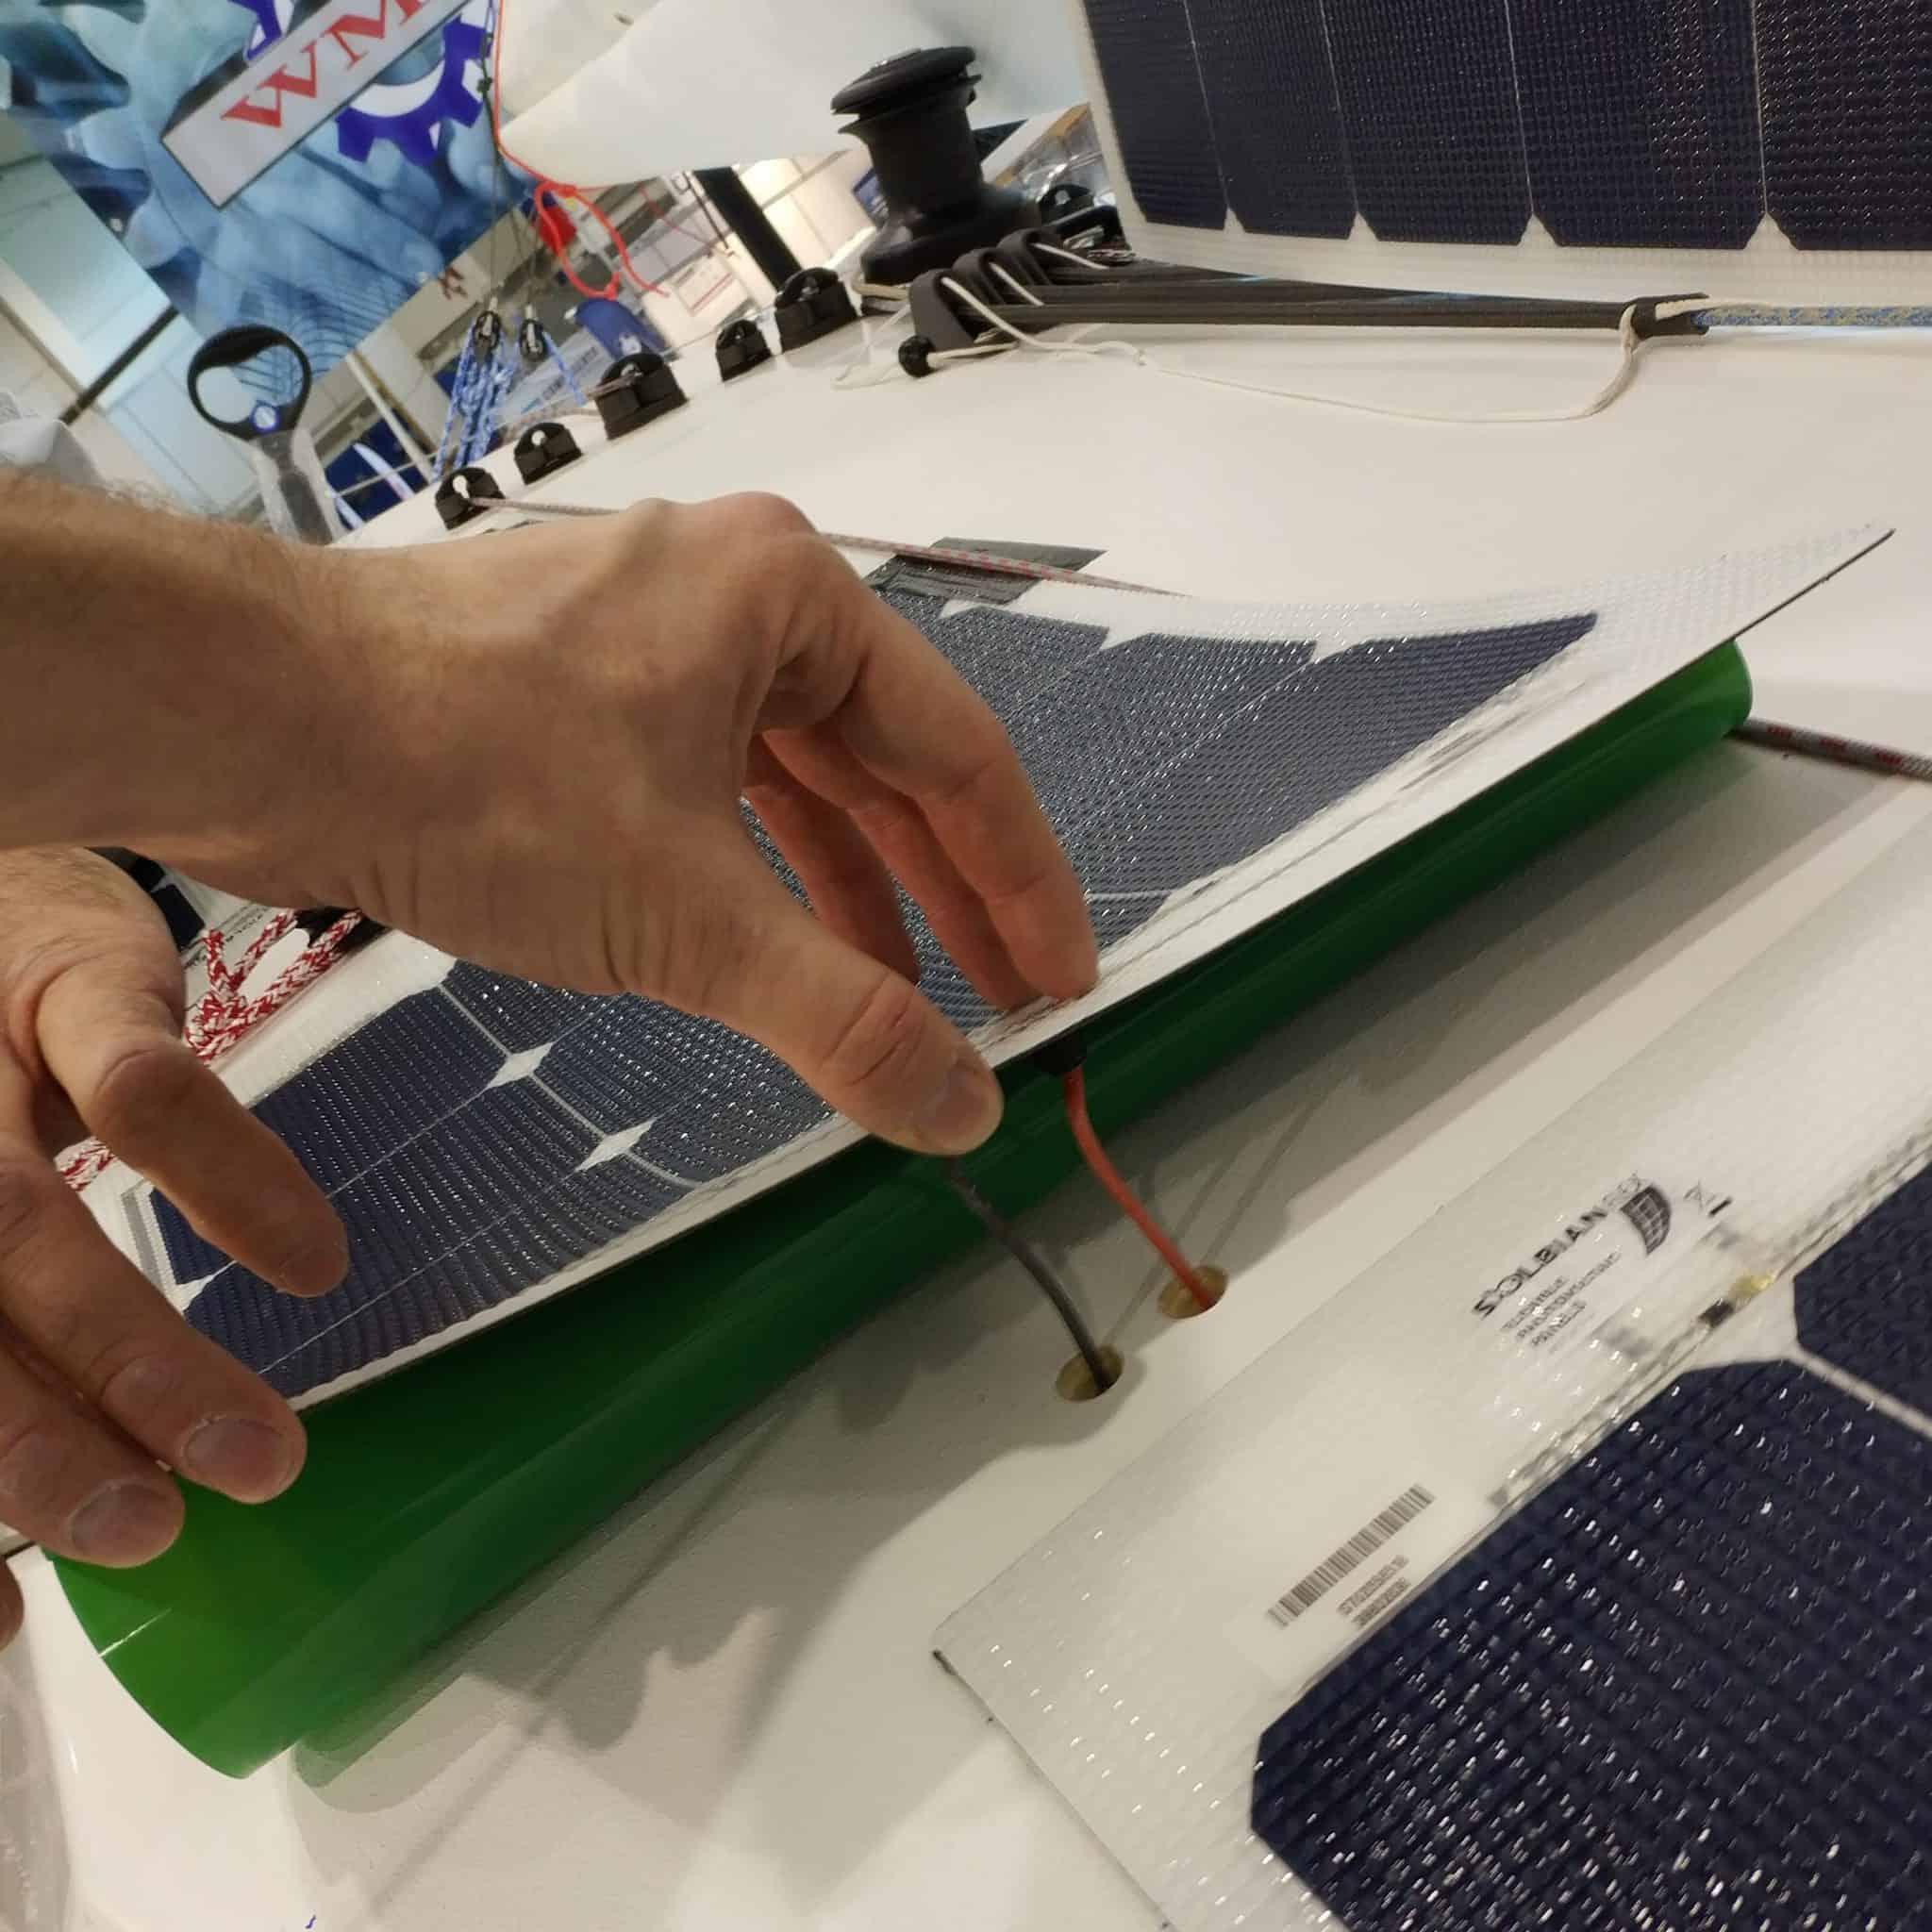 idb idbmarine maxi-650 minitransat solar solbian mini 6.50